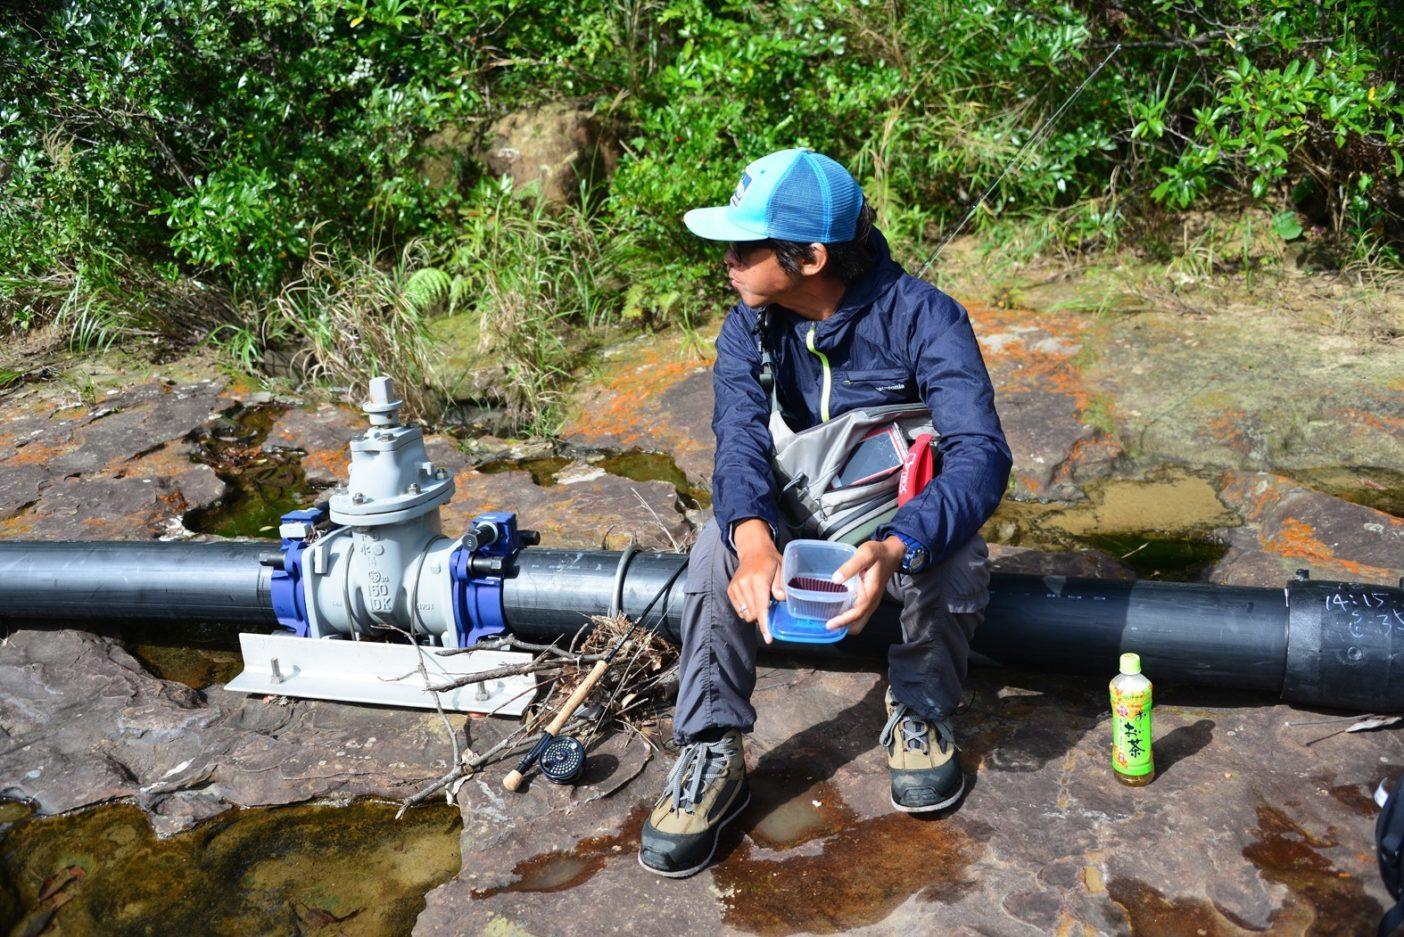 釣りの合間にパイプに腰掛けて昼食。管が岩盤に直接固定されているのがよく分かるだろう。写真:中根淳一